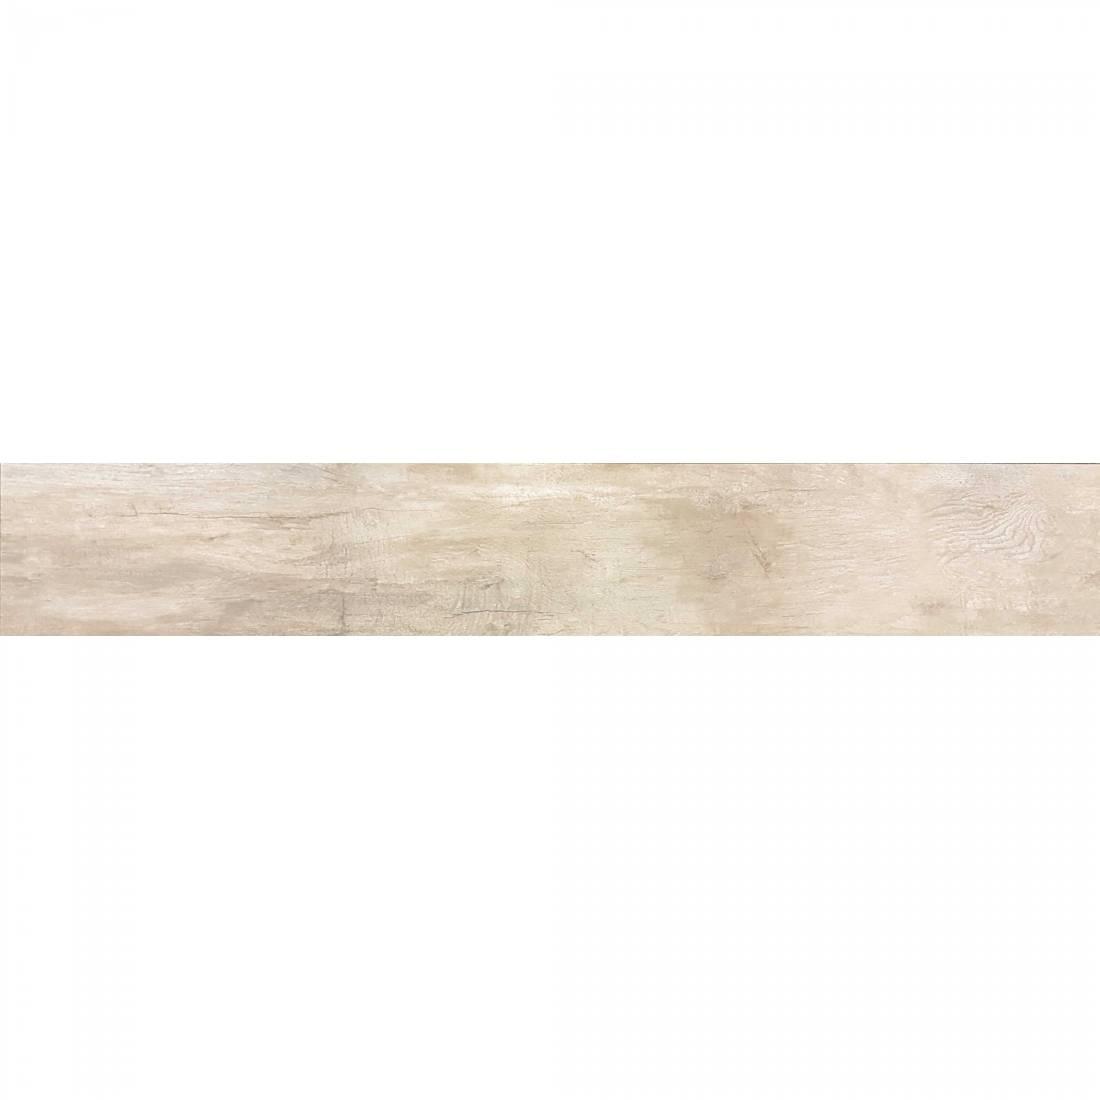 Enthra 20x120 Dark Oak Polished 1